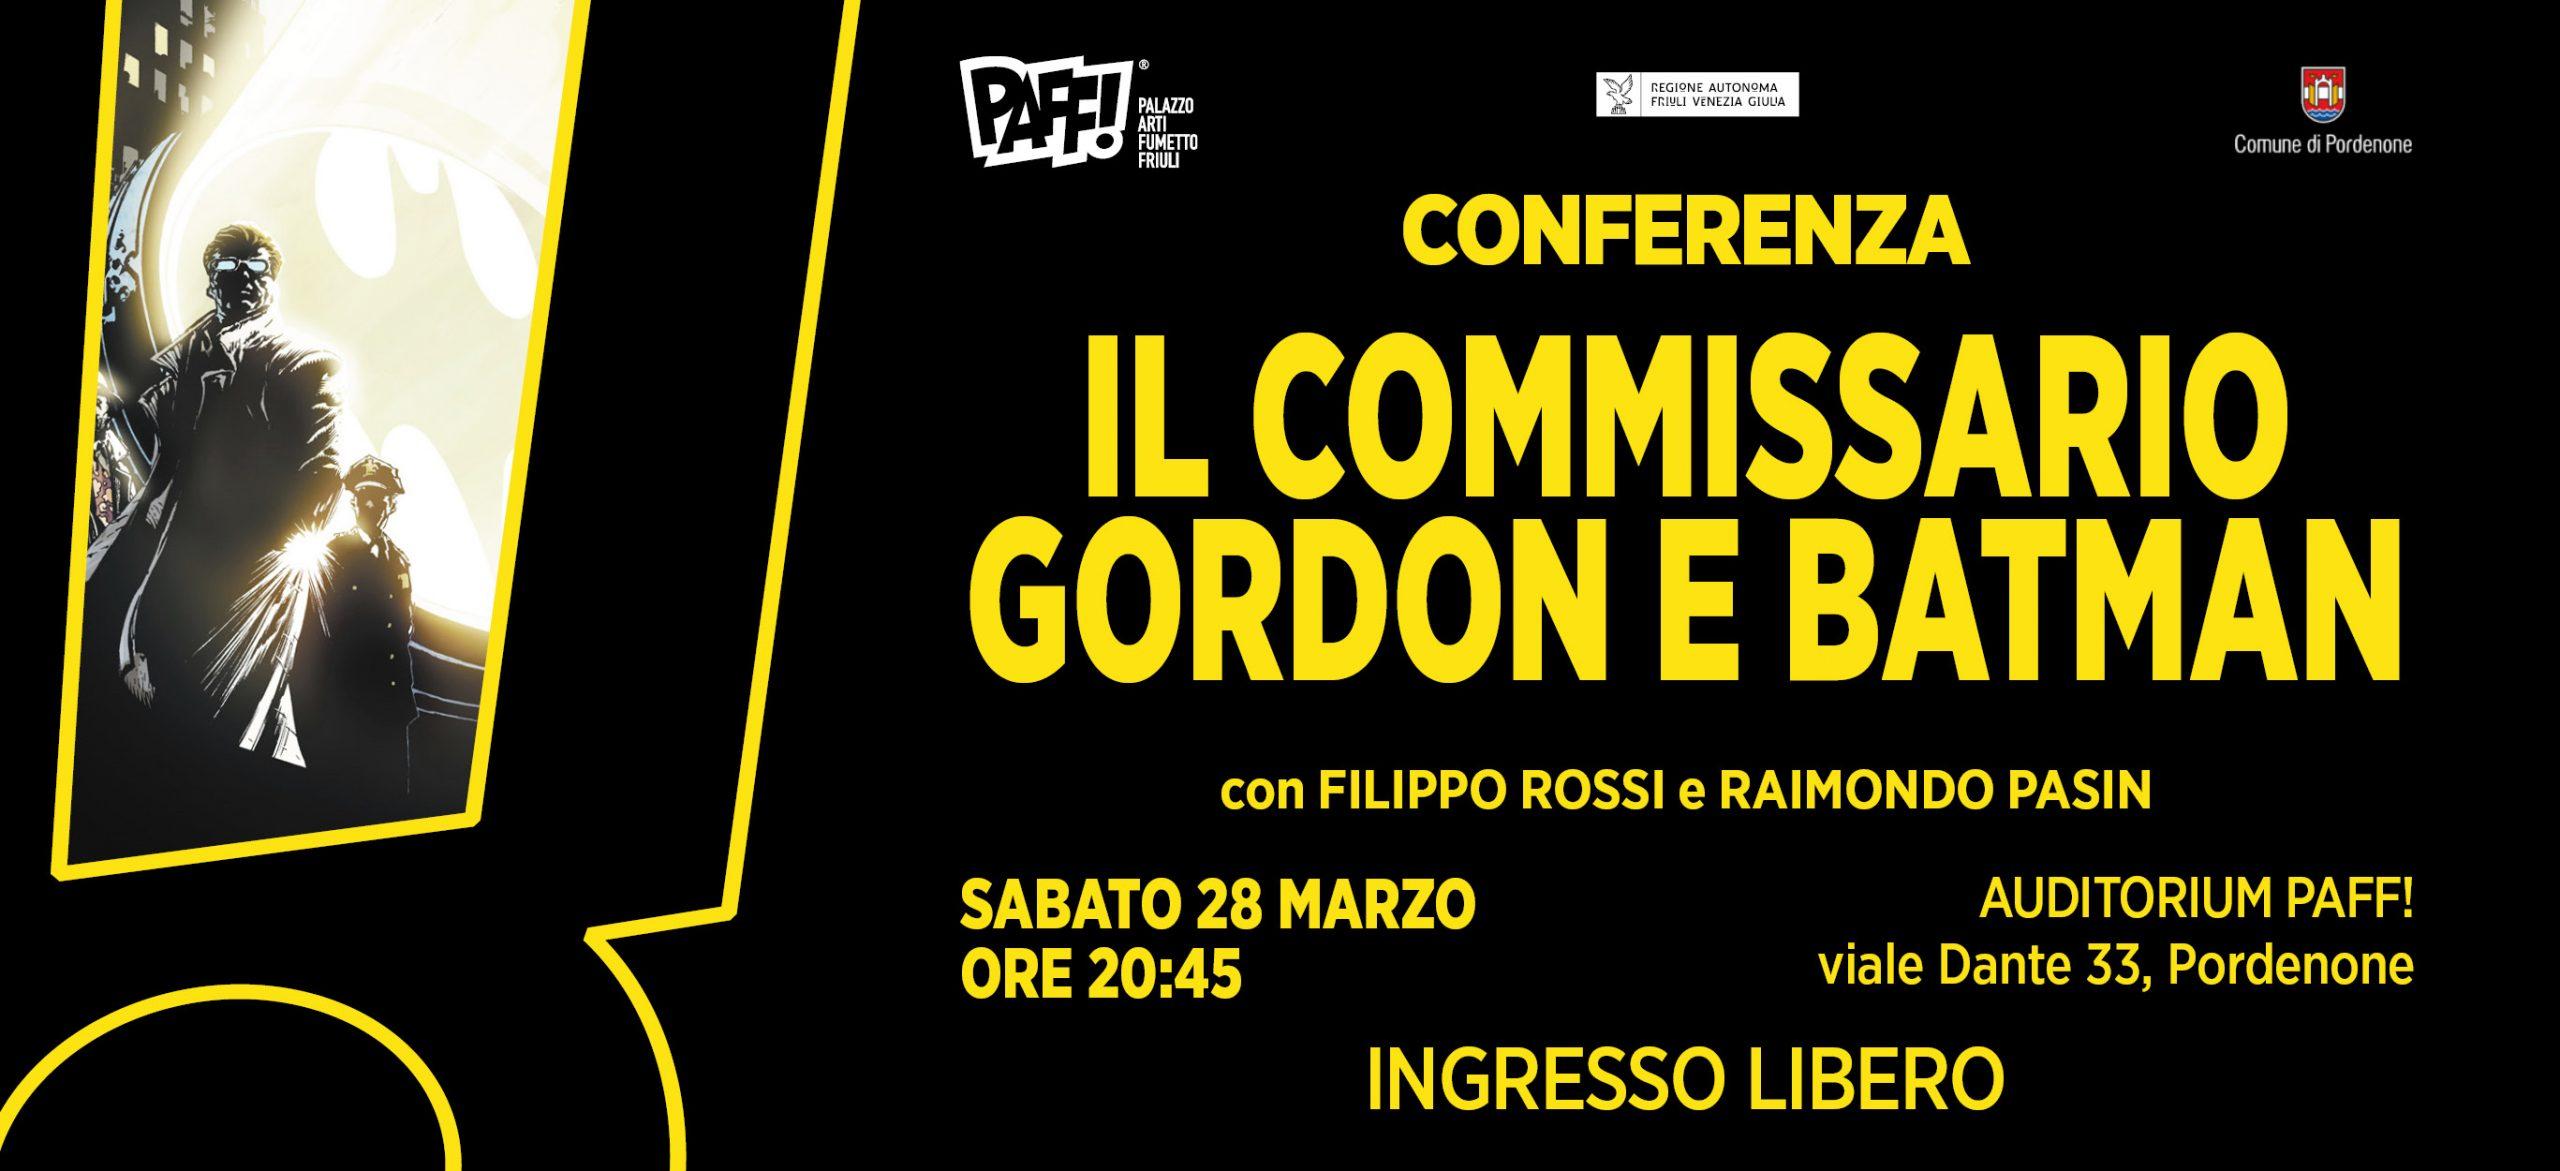 Conferenza Il Commissario Gordon e Batman